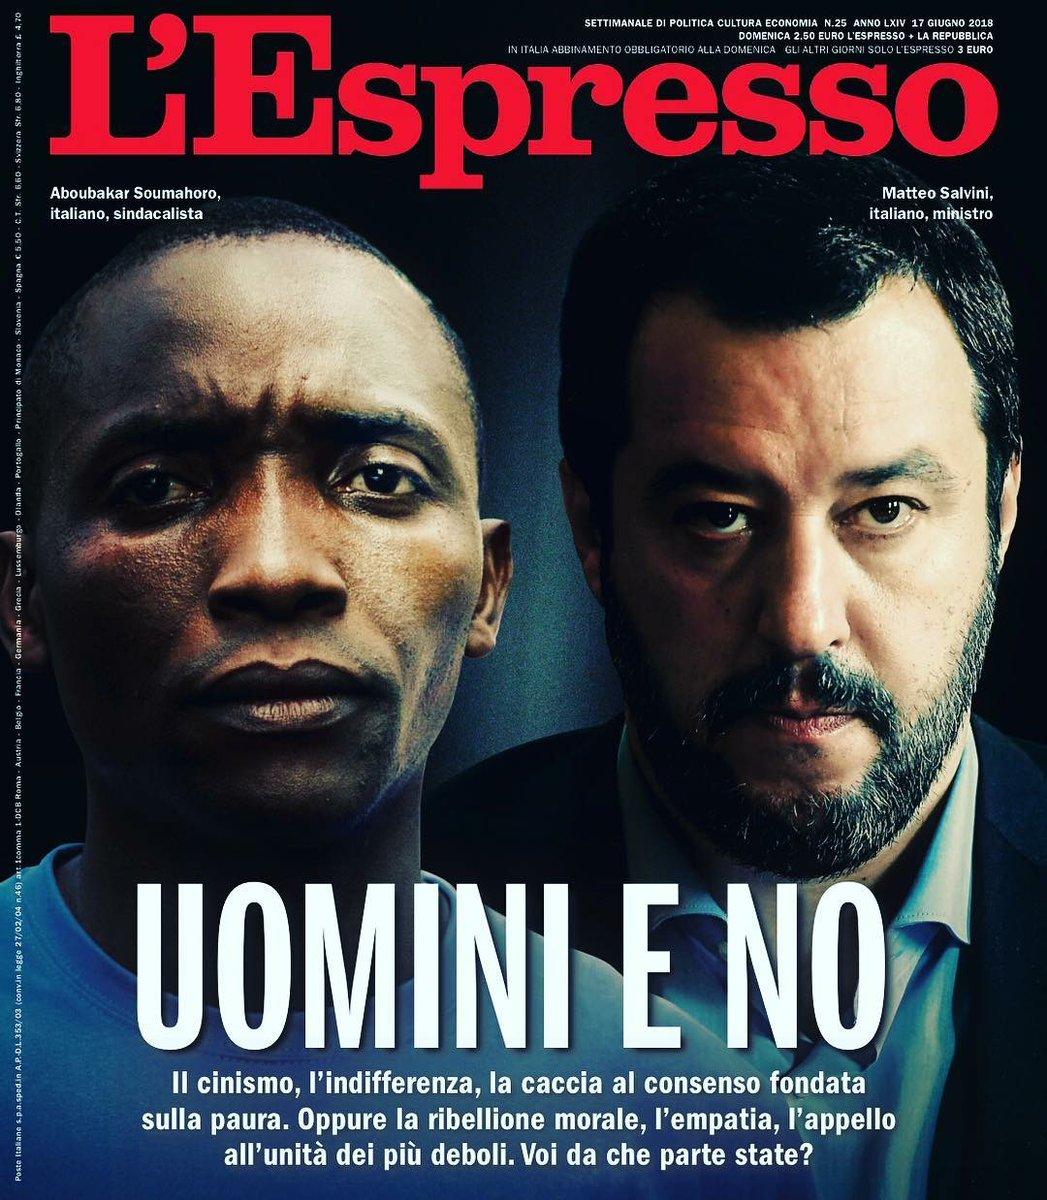 L'Espresso in edicola a 1 euro #uominieno